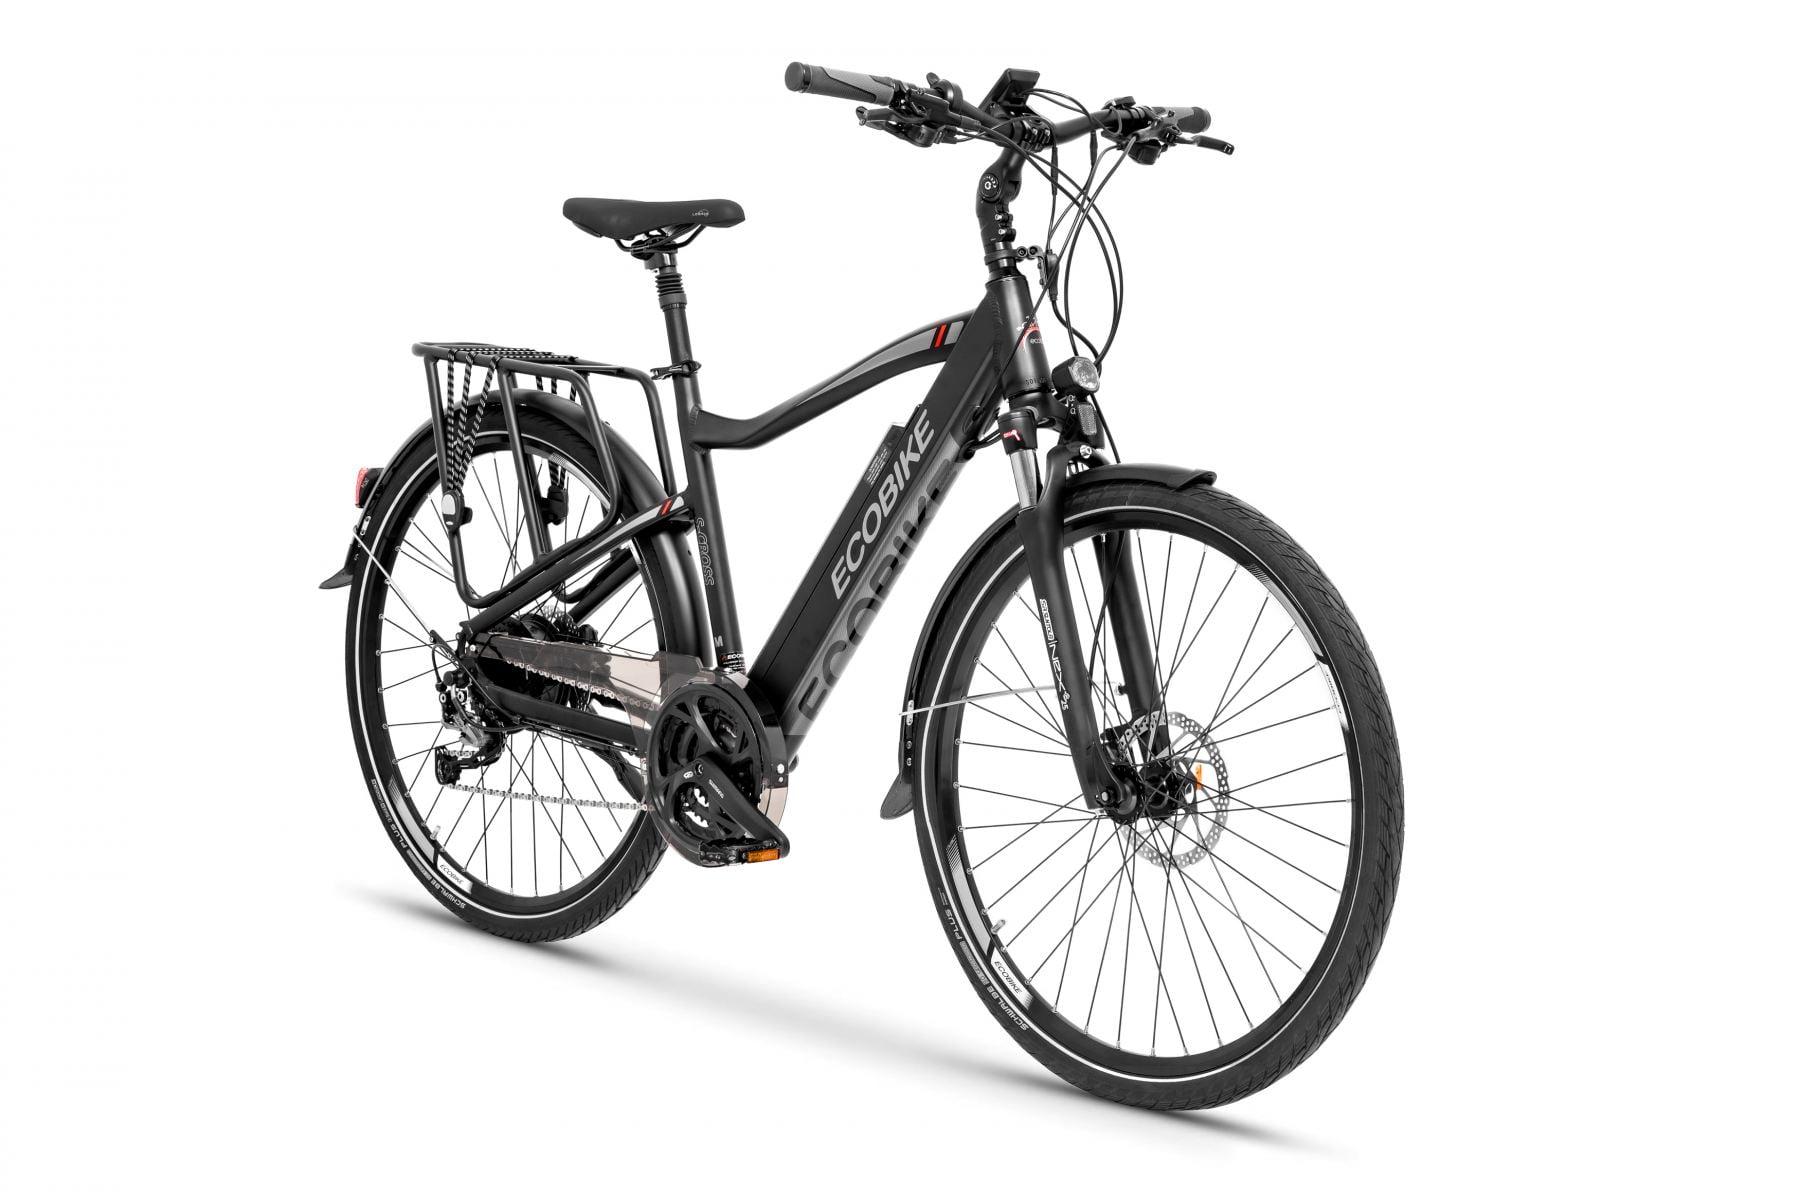 Rowery elektryczne Warszawa rowery turystyczne - Ecobike S Cross M